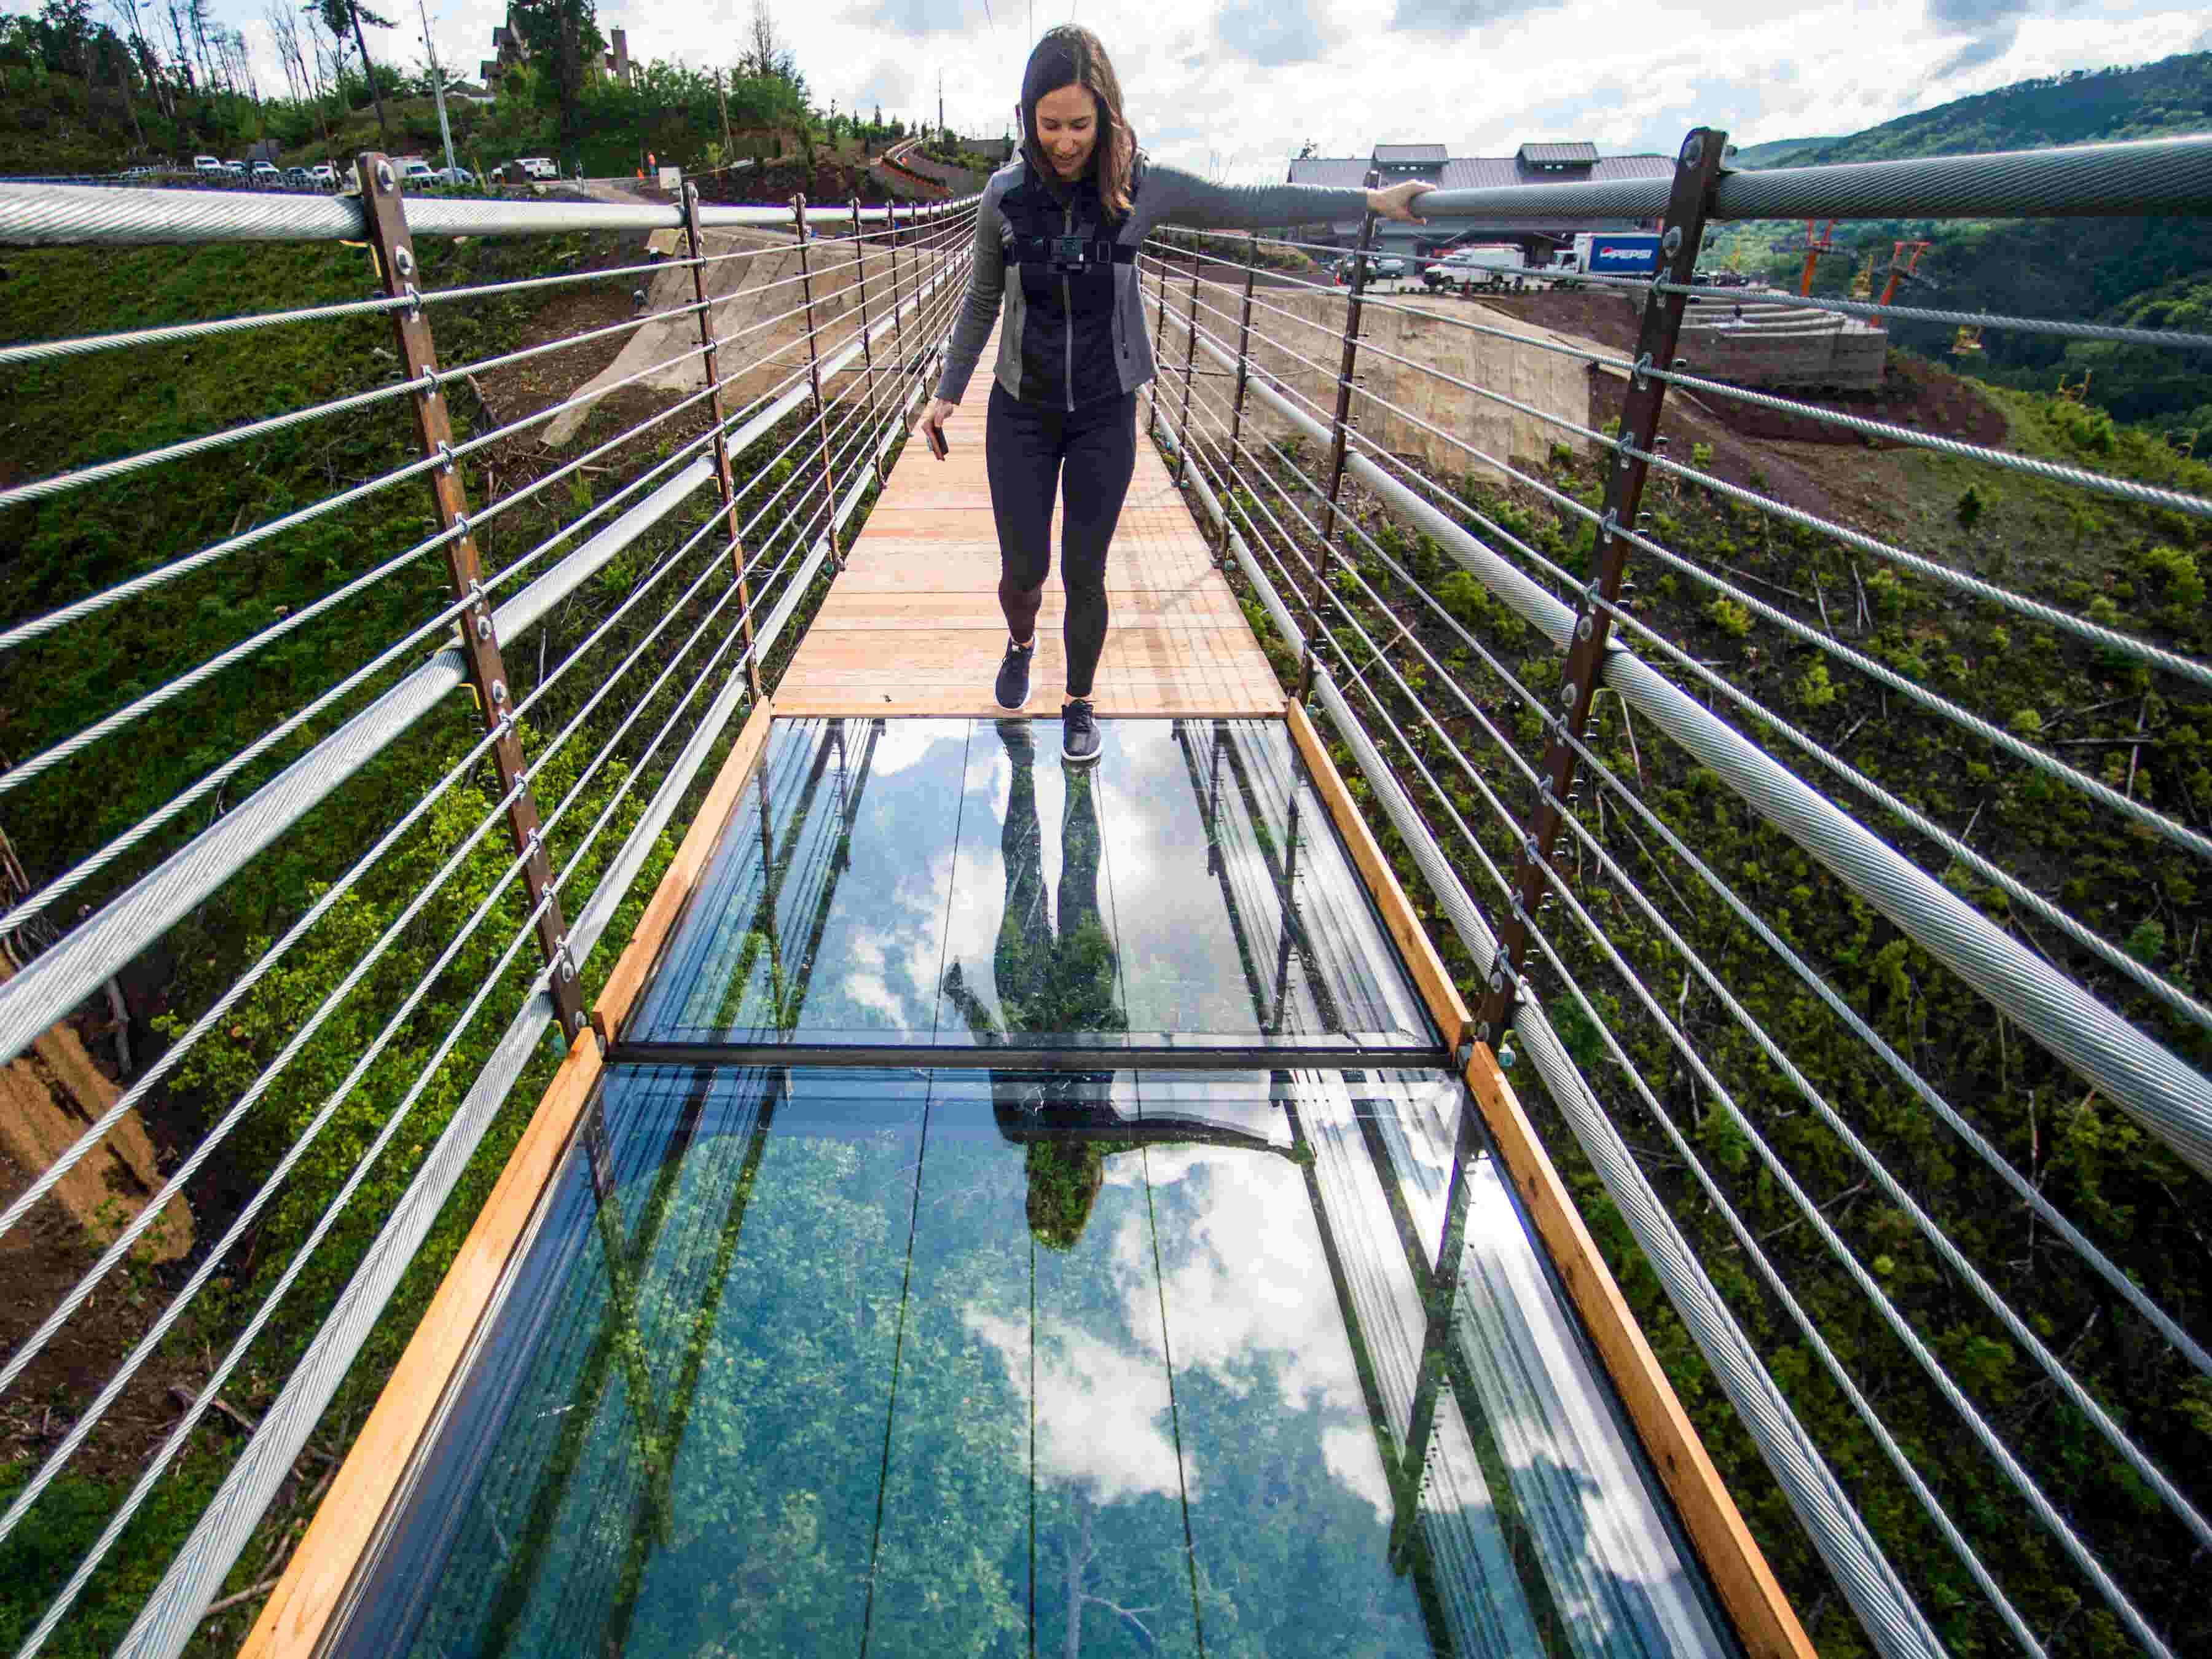 Walk With Reporter Brenna Mcdermott Across The Glass Floor Panels